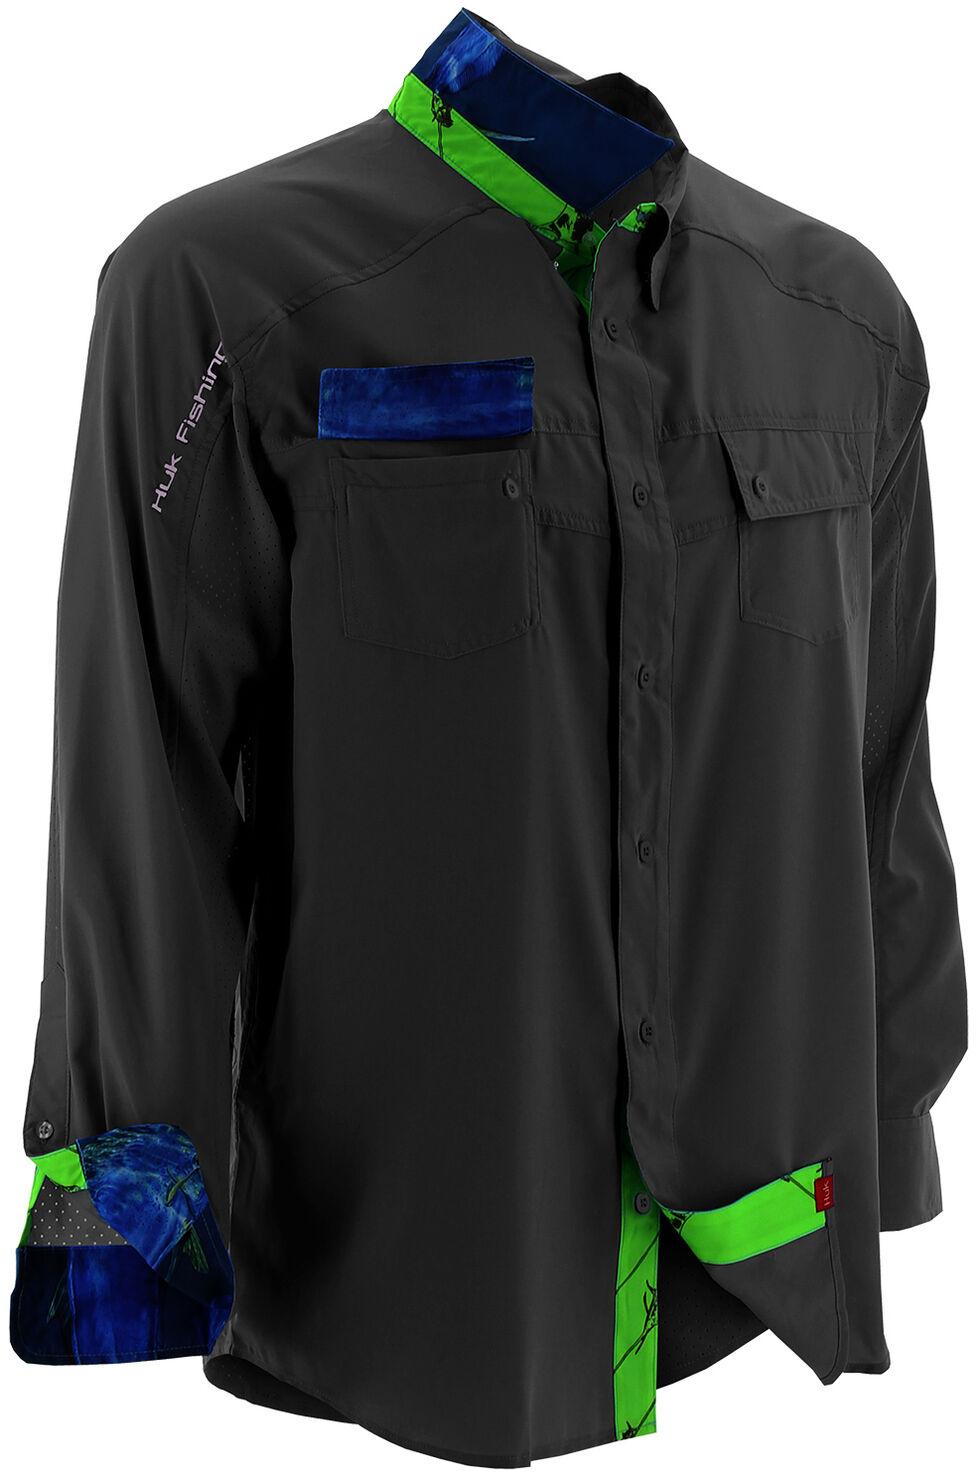 Huk Performance Fishing Men's Next Level Woven Shirt , Black, hi-res